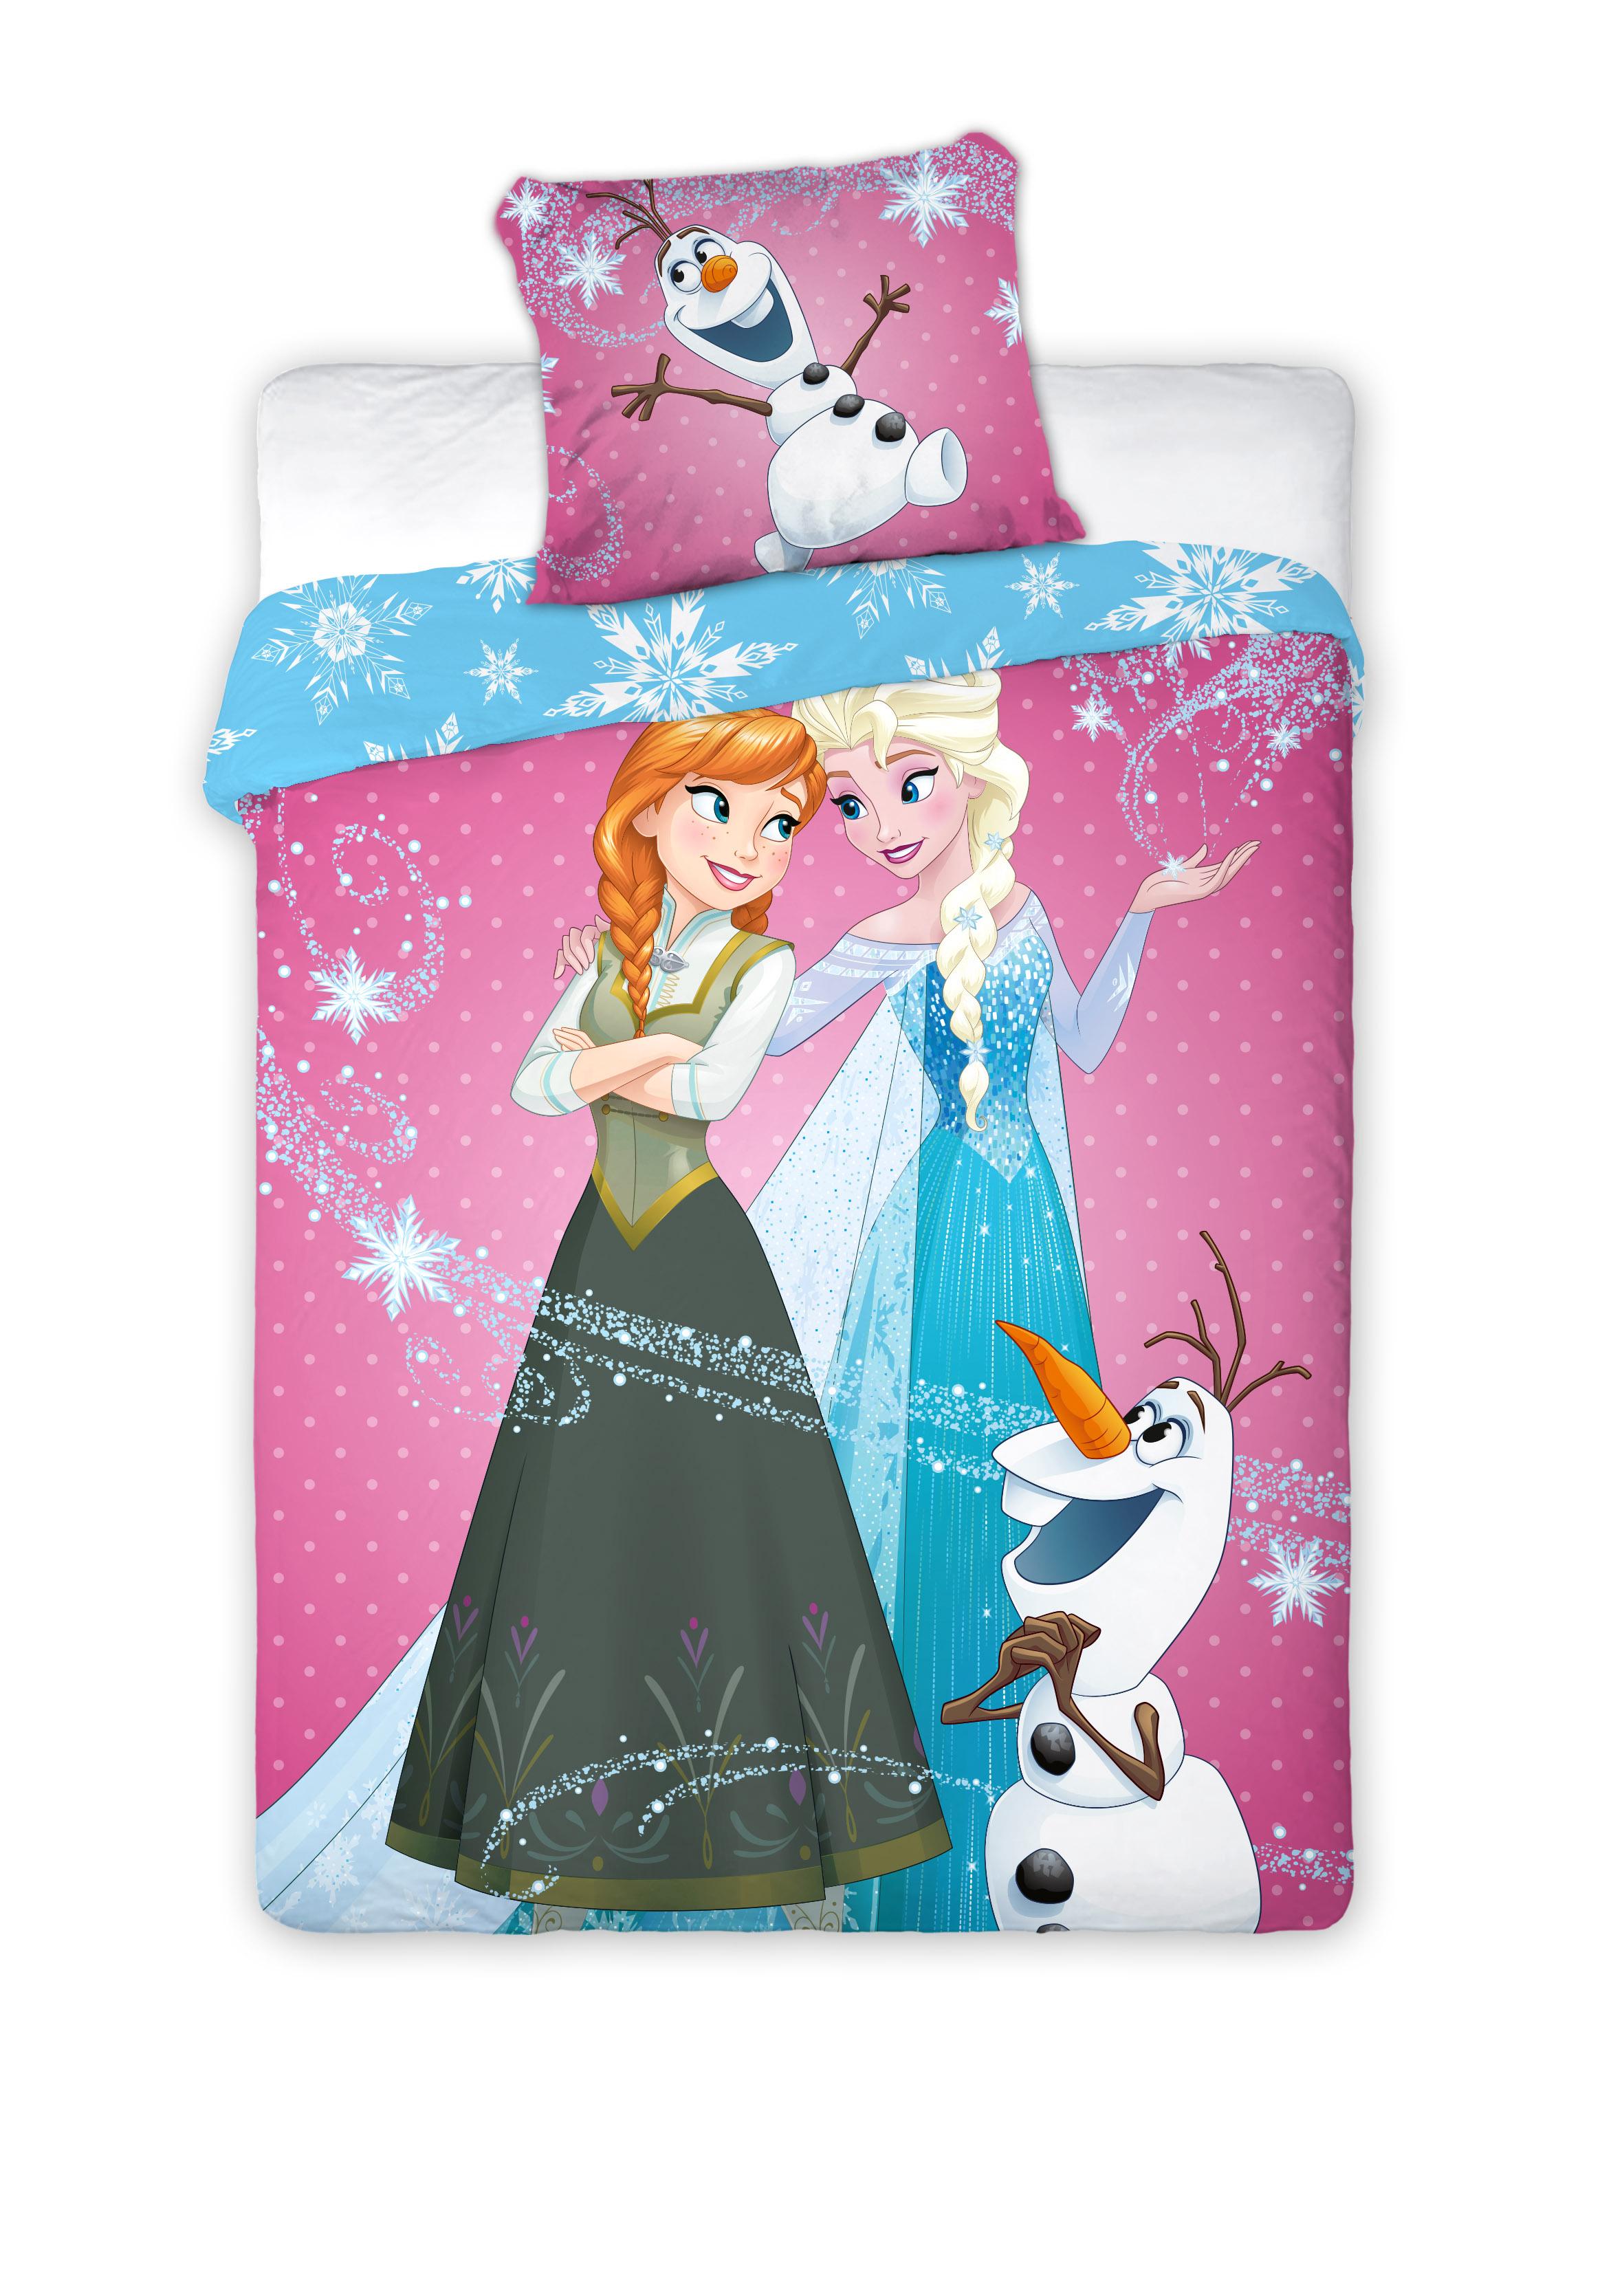 Detské obliečky 200x160 cm - Faro - MOB - Frozen - 048. Akcia -11%. Sme autorizovaný predajca Faro. Vlastná spoľahlivá doprava až k Vám domov.